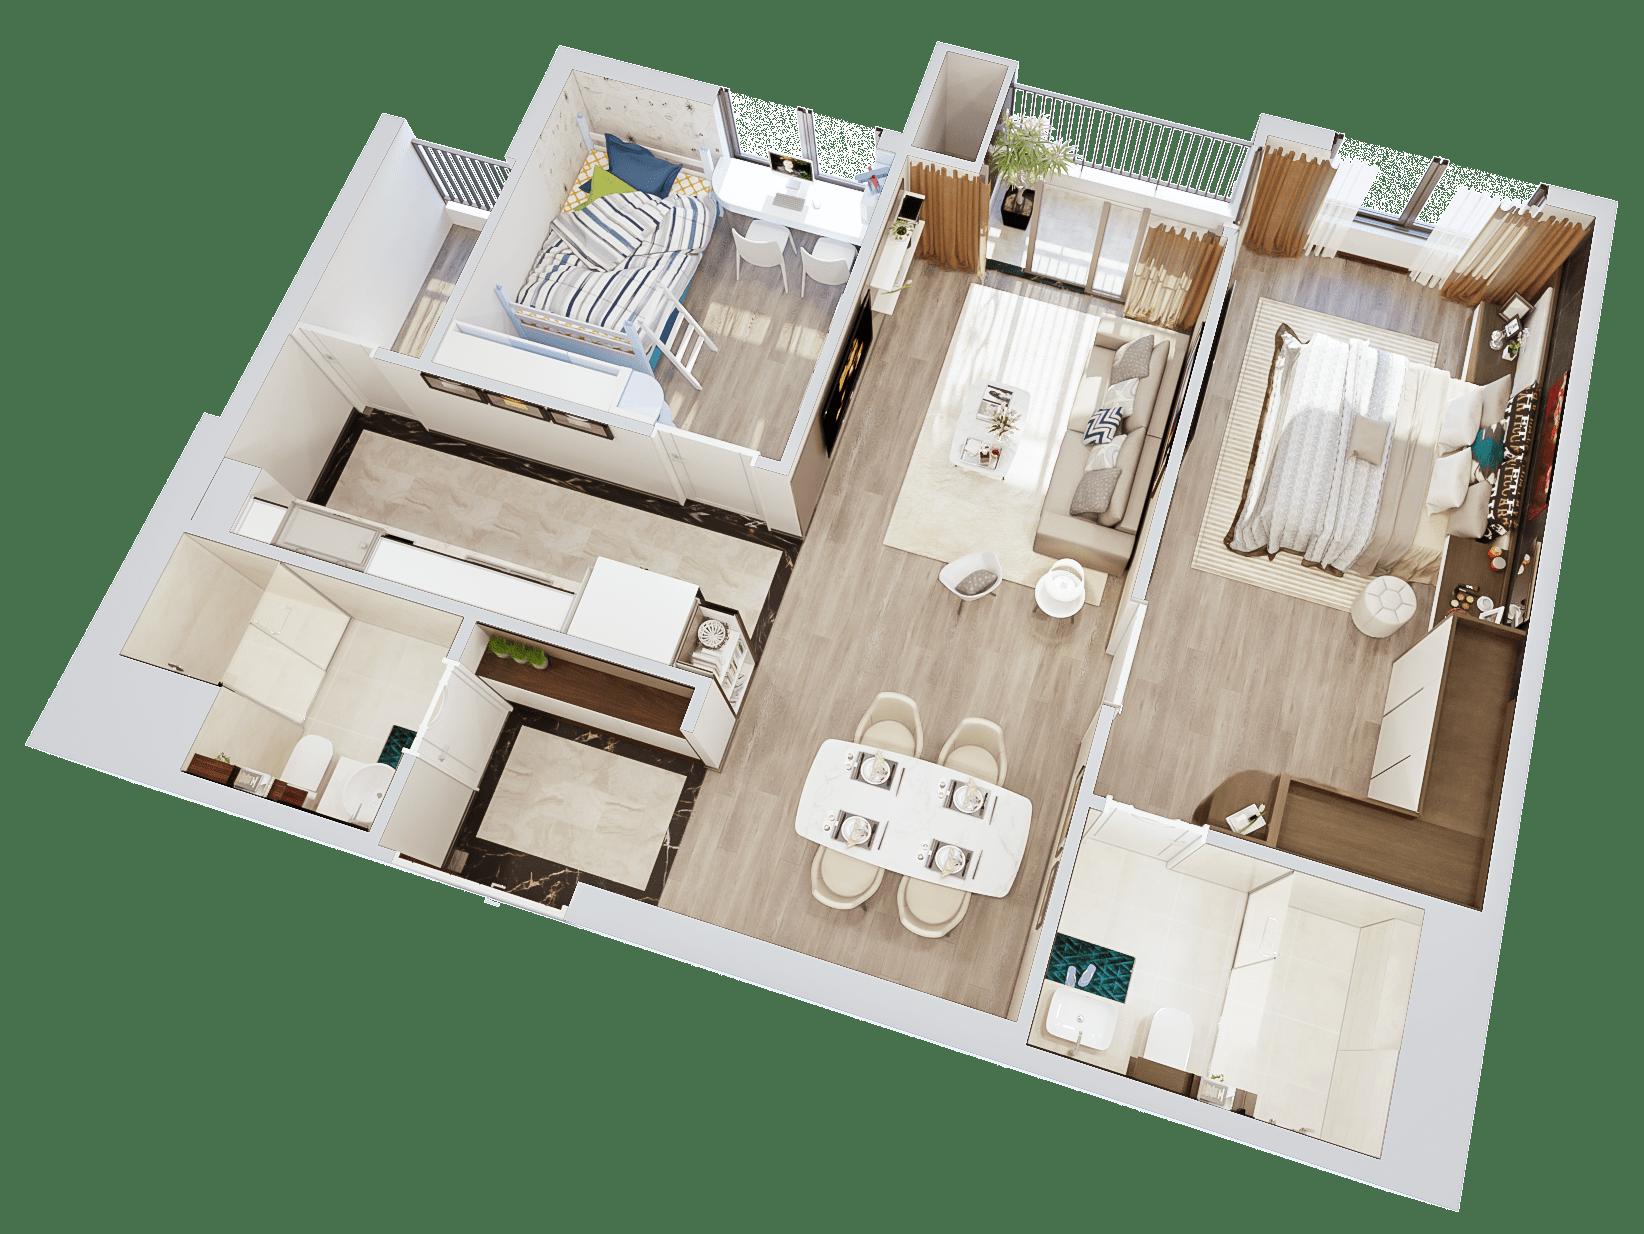 Kết quả hình ảnh cho mặt bằng thiết kế căn hộ imperia sky garden